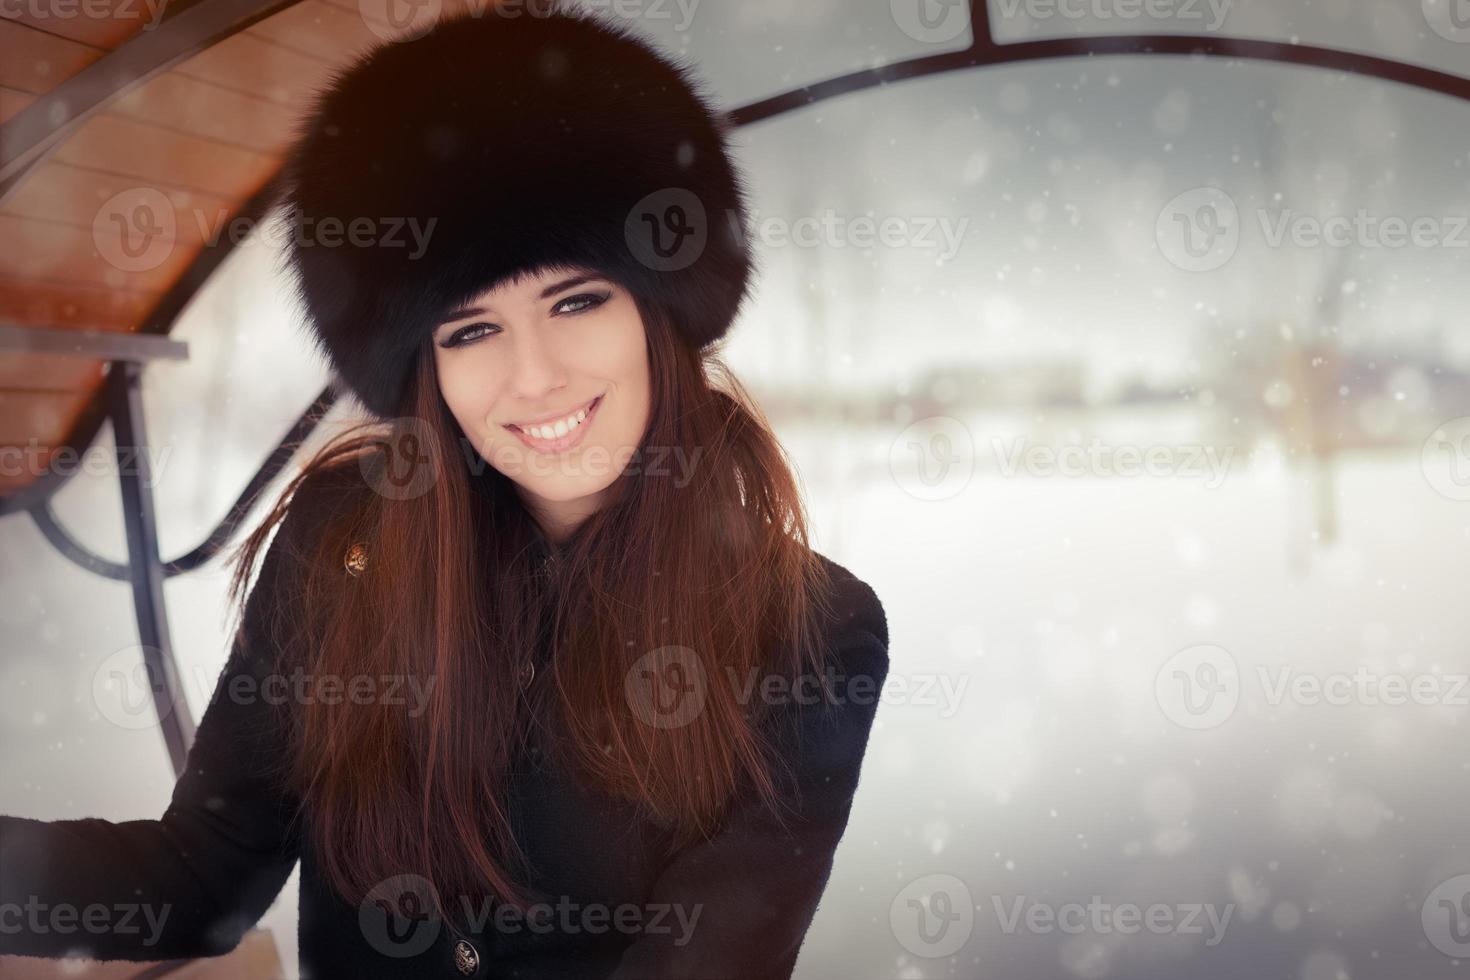 jonge vrouw wintertijd portret foto